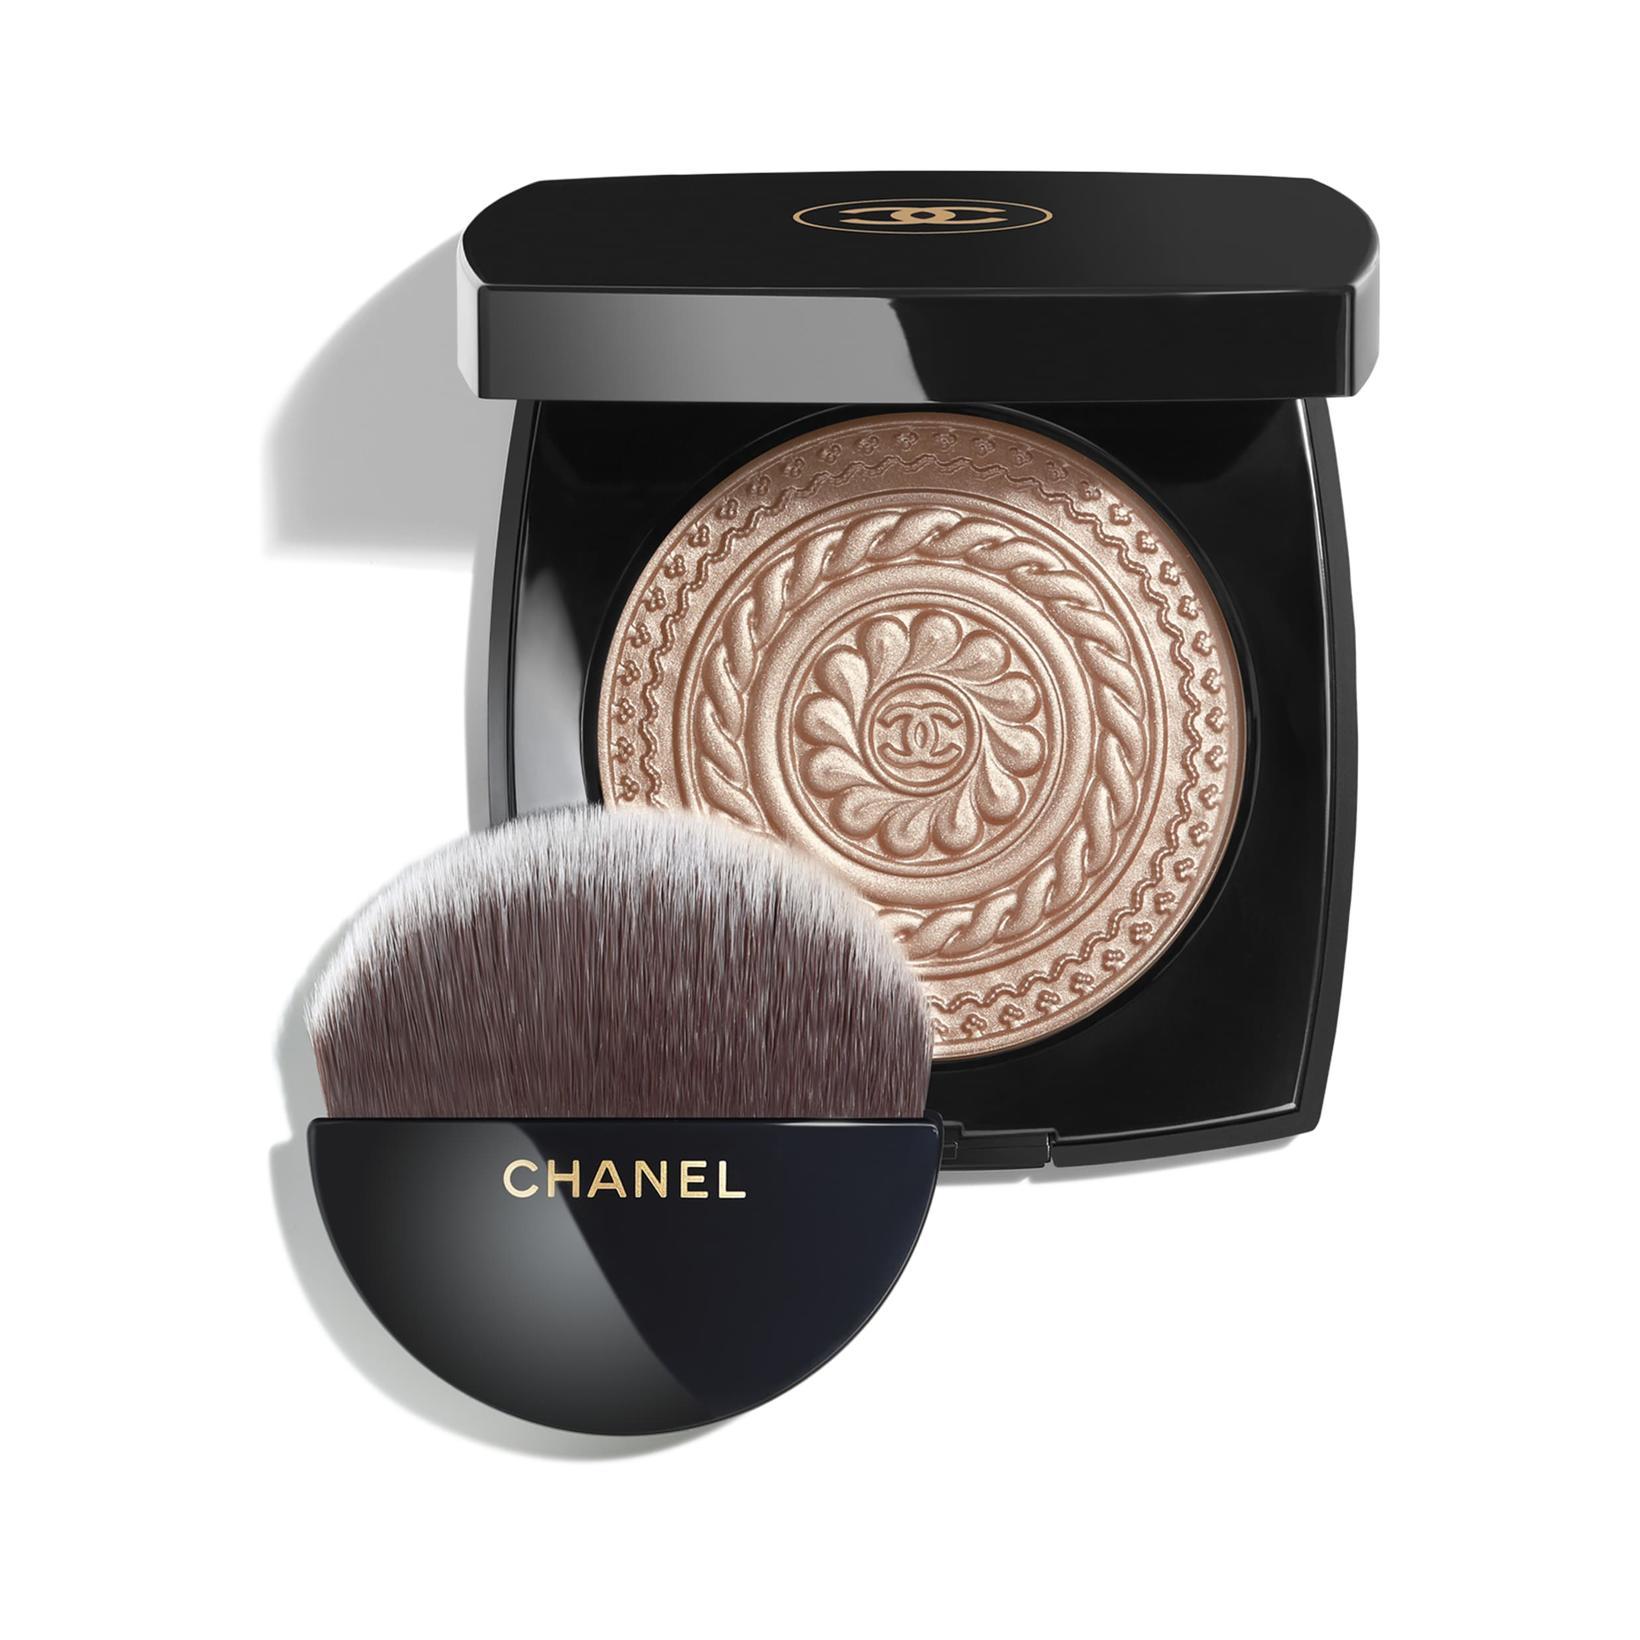 Éclat Magnétique de Chanel er ljómapúður sem verður líklega mjög ...